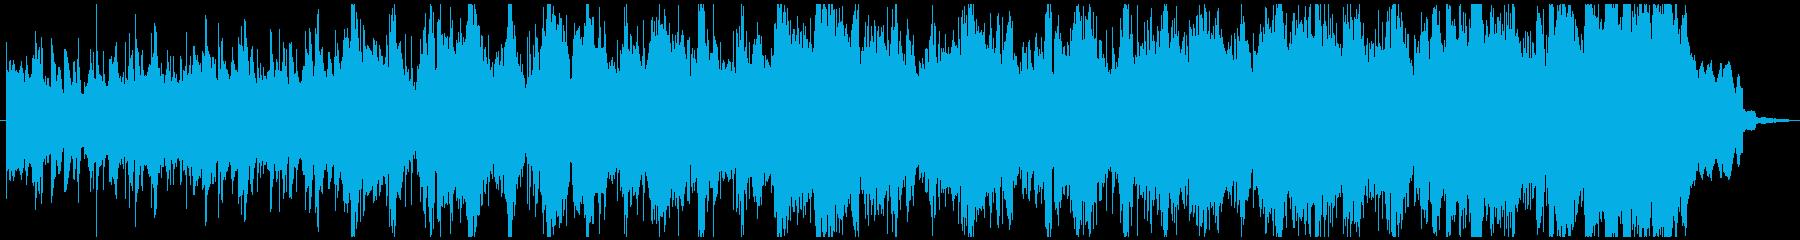 テナーサックス主体のワルツです。の再生済みの波形